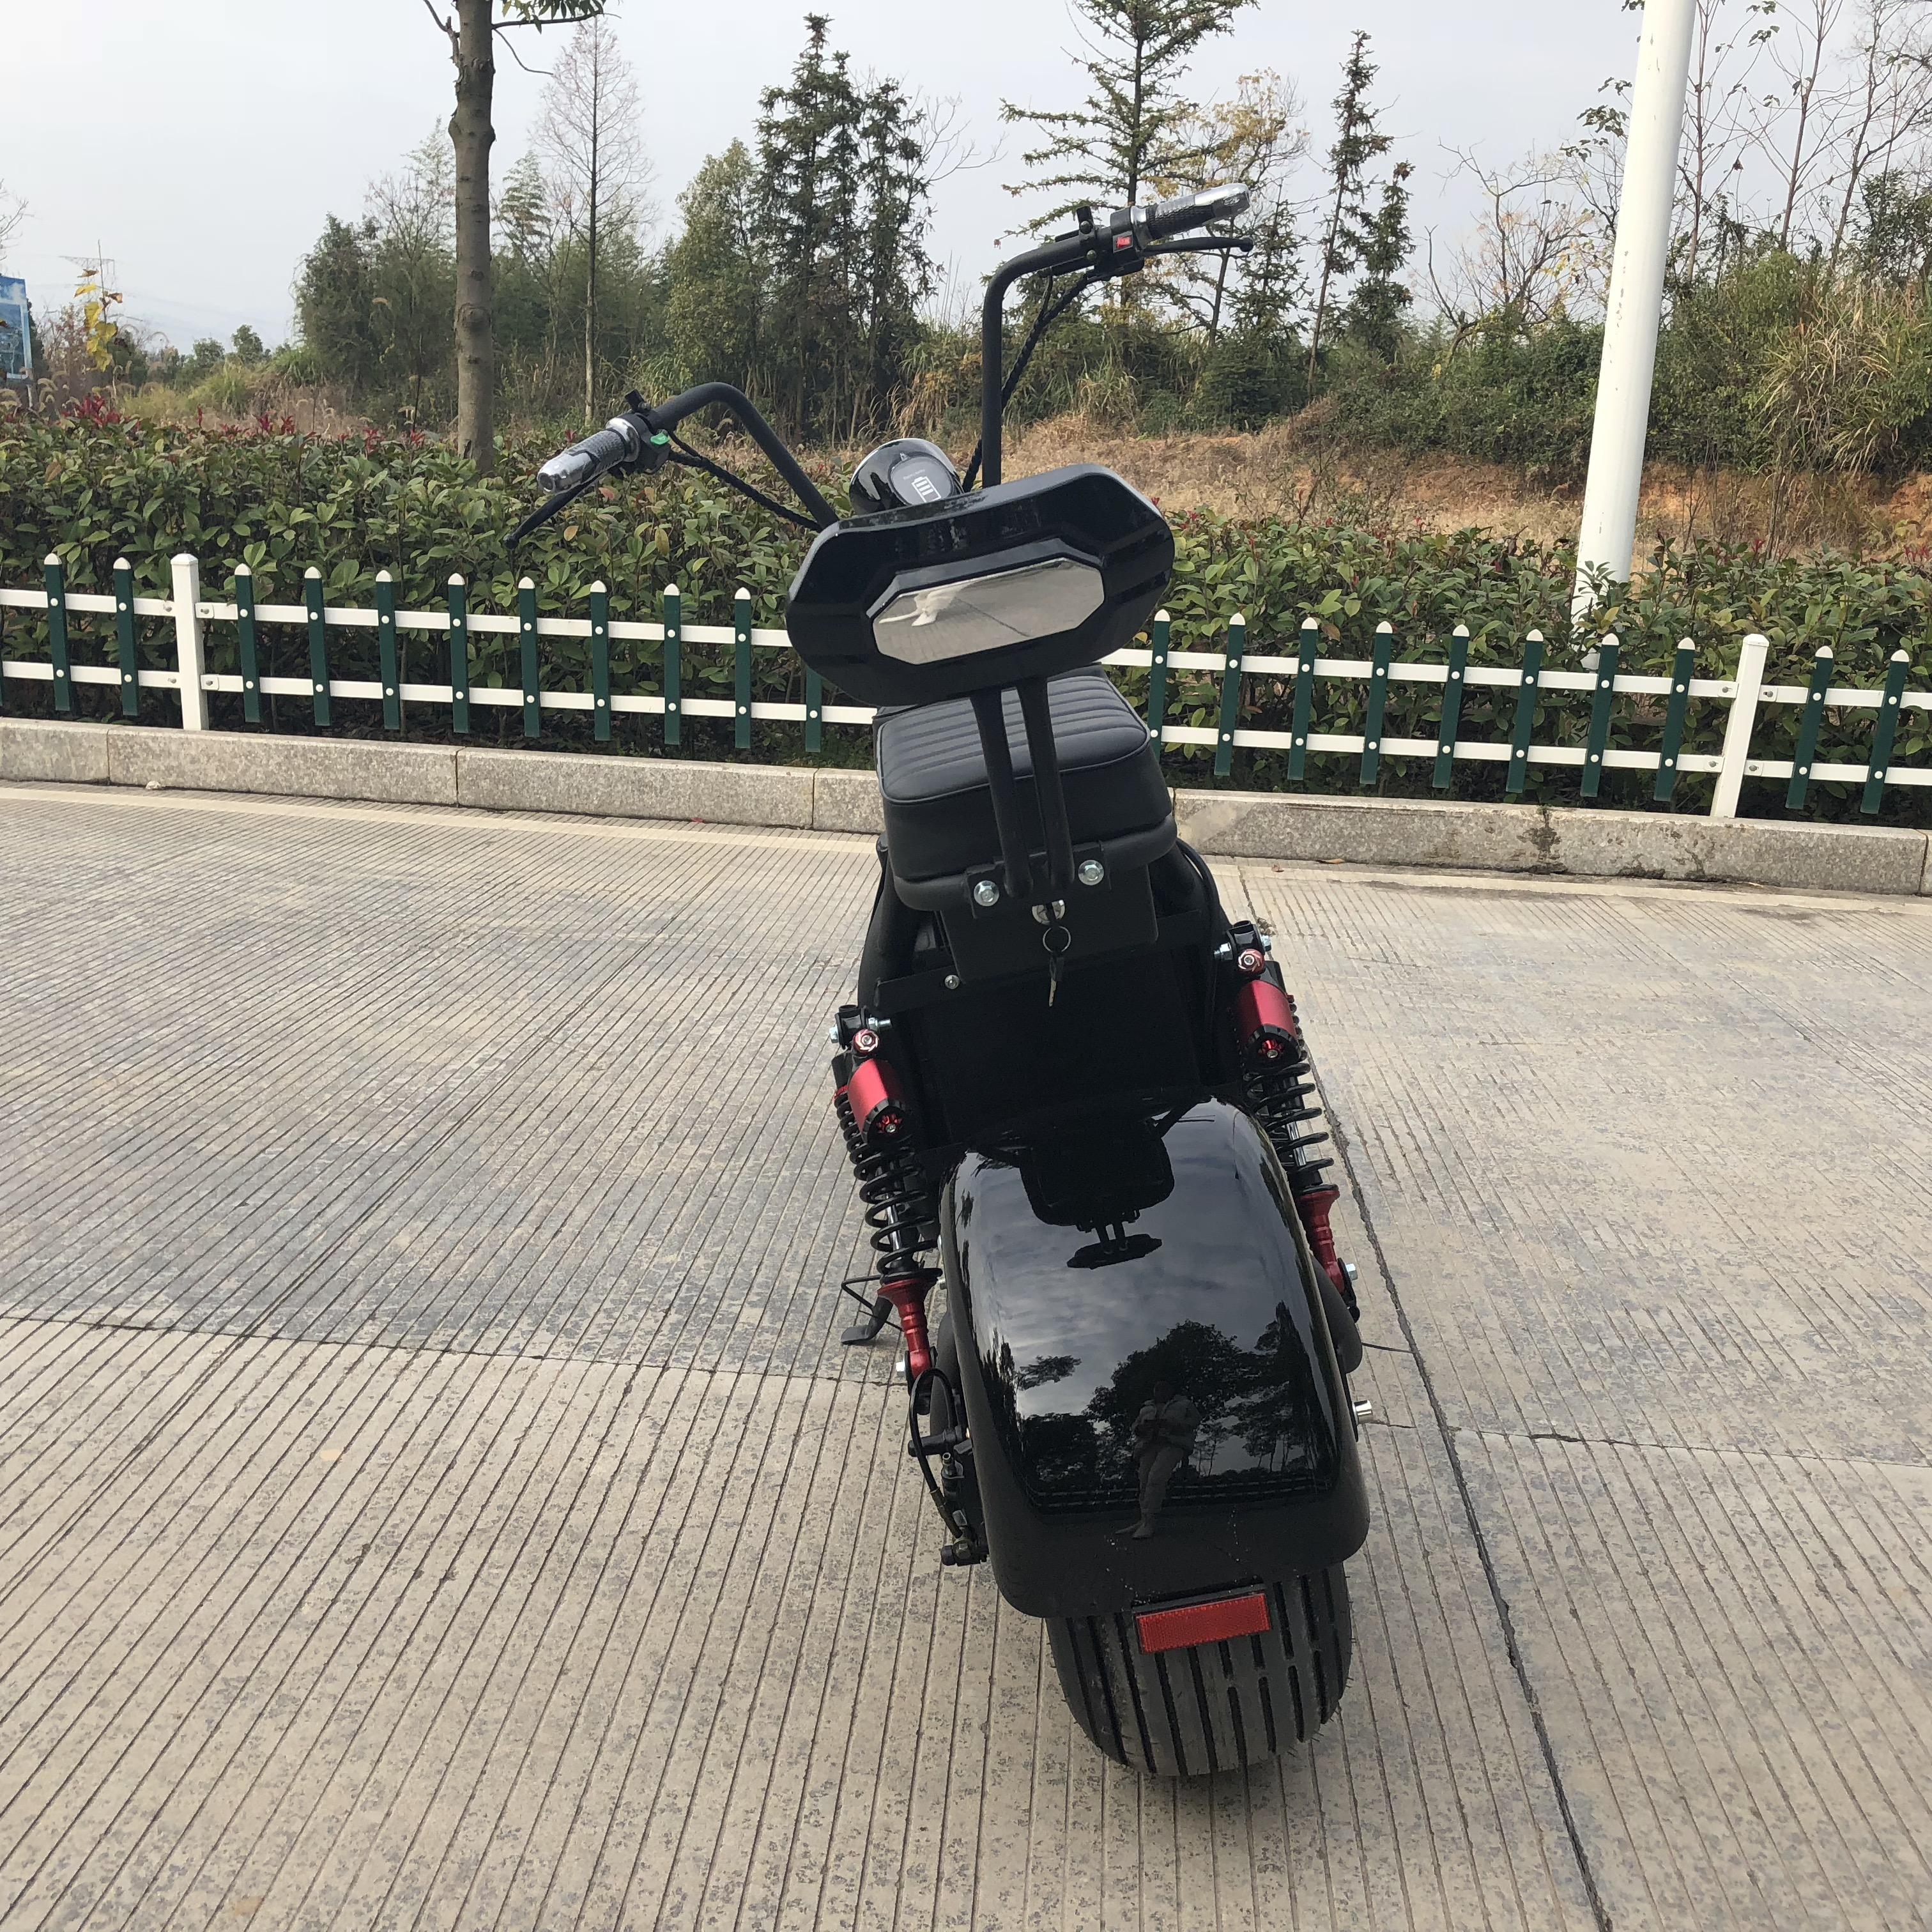 suv 3200 W Elektro-scooter Für Erwachsene Eine GroßE Auswahl An Farben Und Designs 2019 Neueste Artikel 11 Zoll Off Road